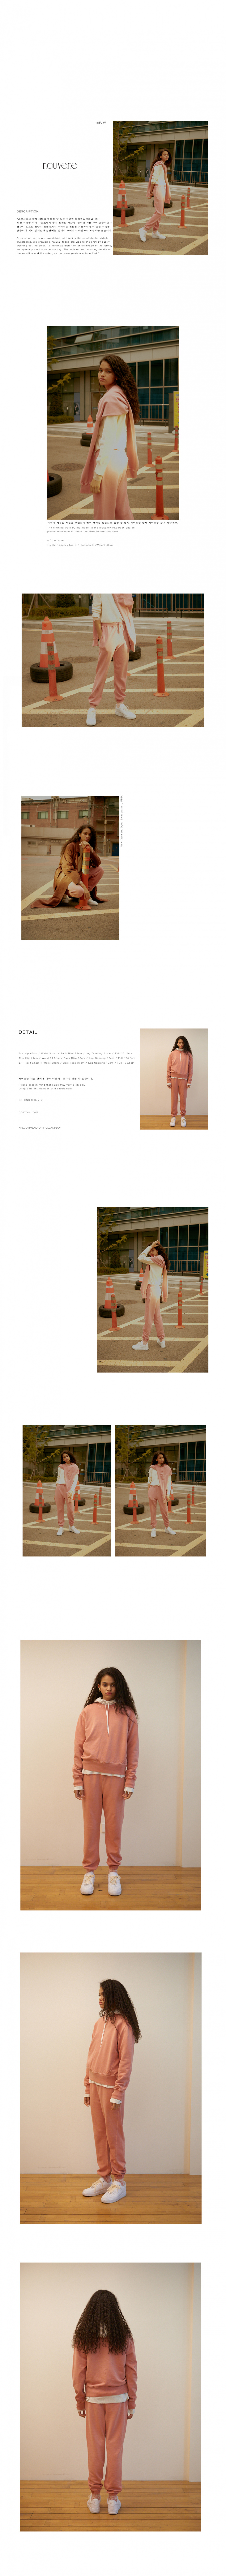 누엔(NOUVENE) New Garment Dyed Sweatpants Pink